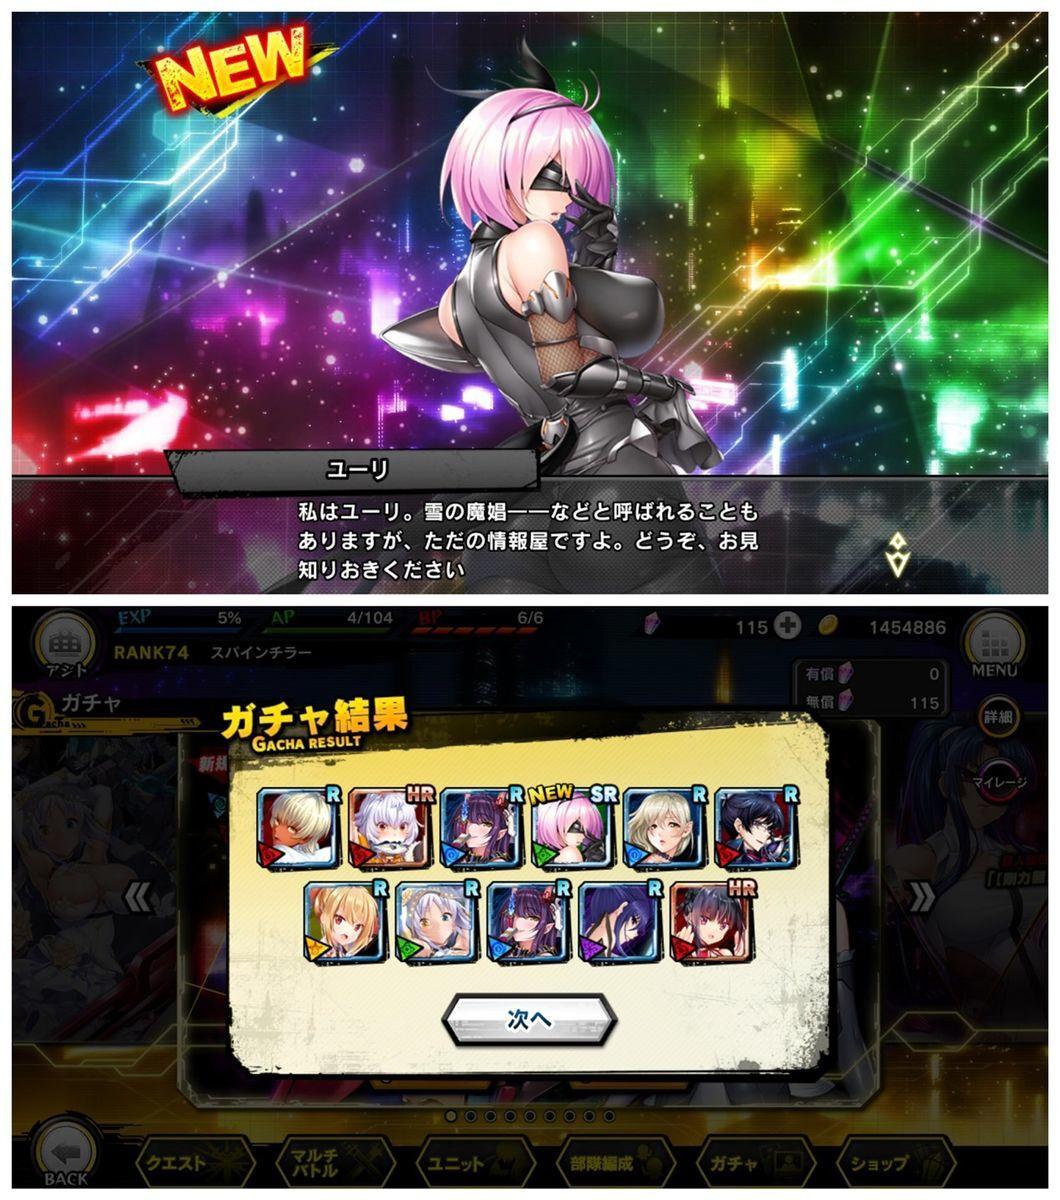 対魔忍RPGX 対魔忍RPG ソーシャルゲーム ユーリ